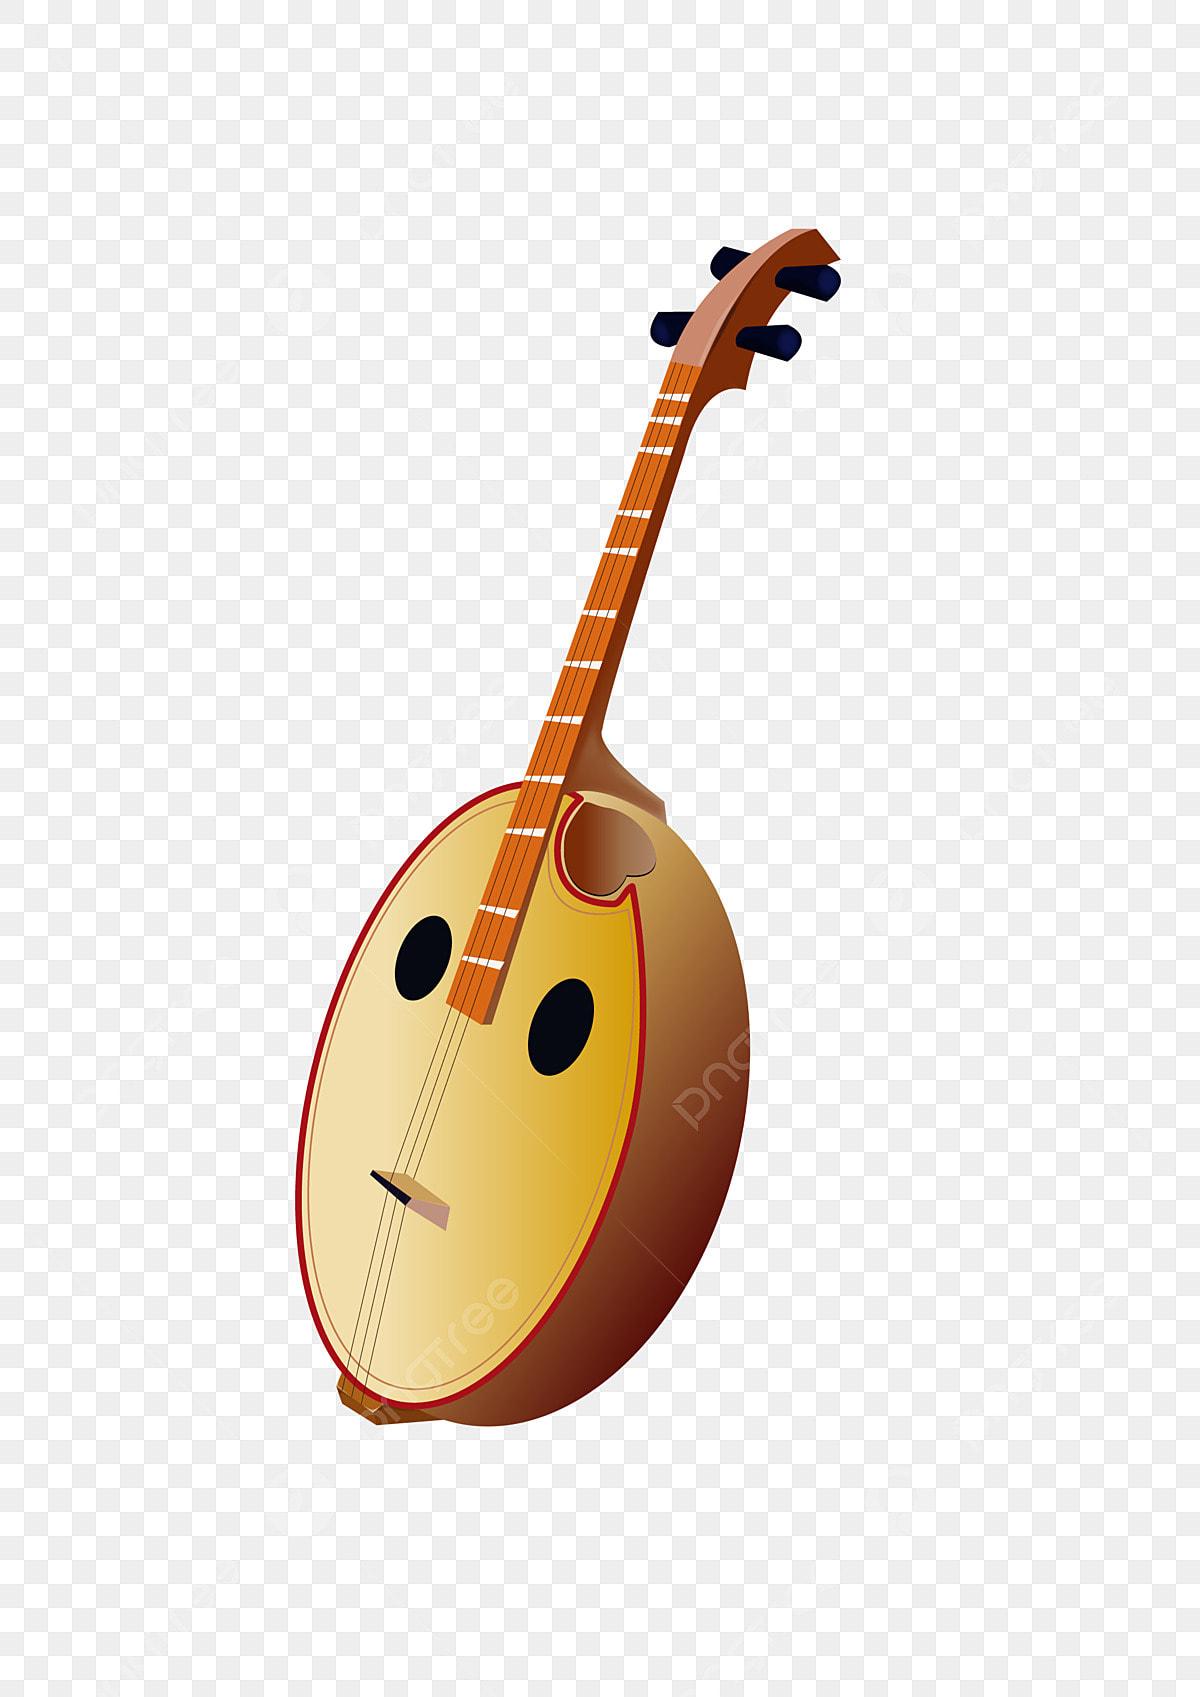 Gambar Pucuk Yang Cantik Alat Muzik Tradisional Cina Pengajaran Alat Muzik Alat Musik Tradisional Retro Cymbal Alat Musik Tradisional Retro Alat Muzik Cina Png Dan Vektor Untuk Muat Turun Percuma